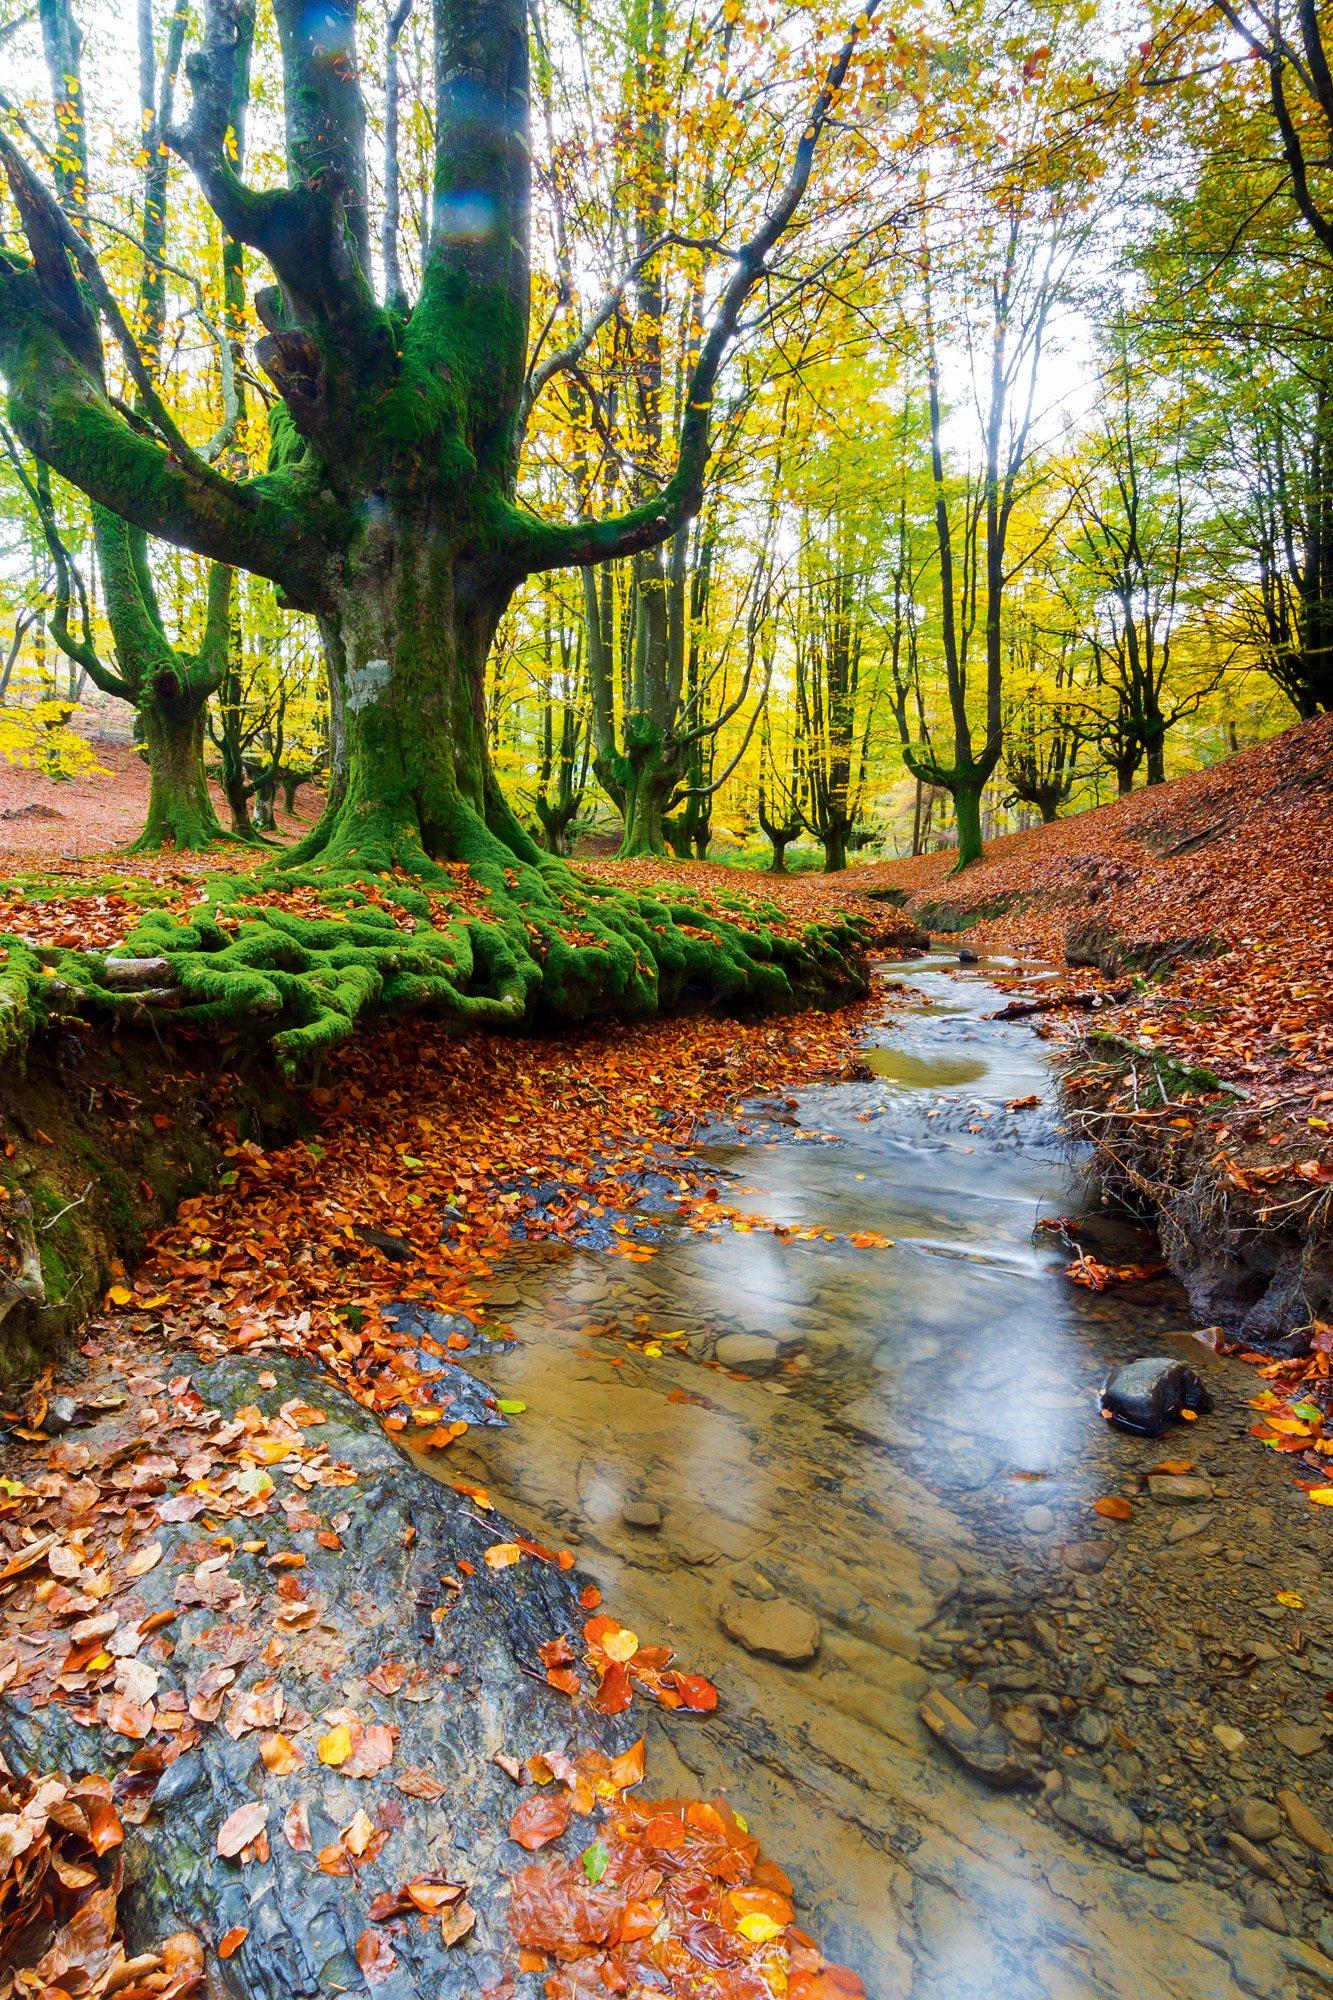 Parque Natural de Gorbea, País Basco, Espanha / National Geographic